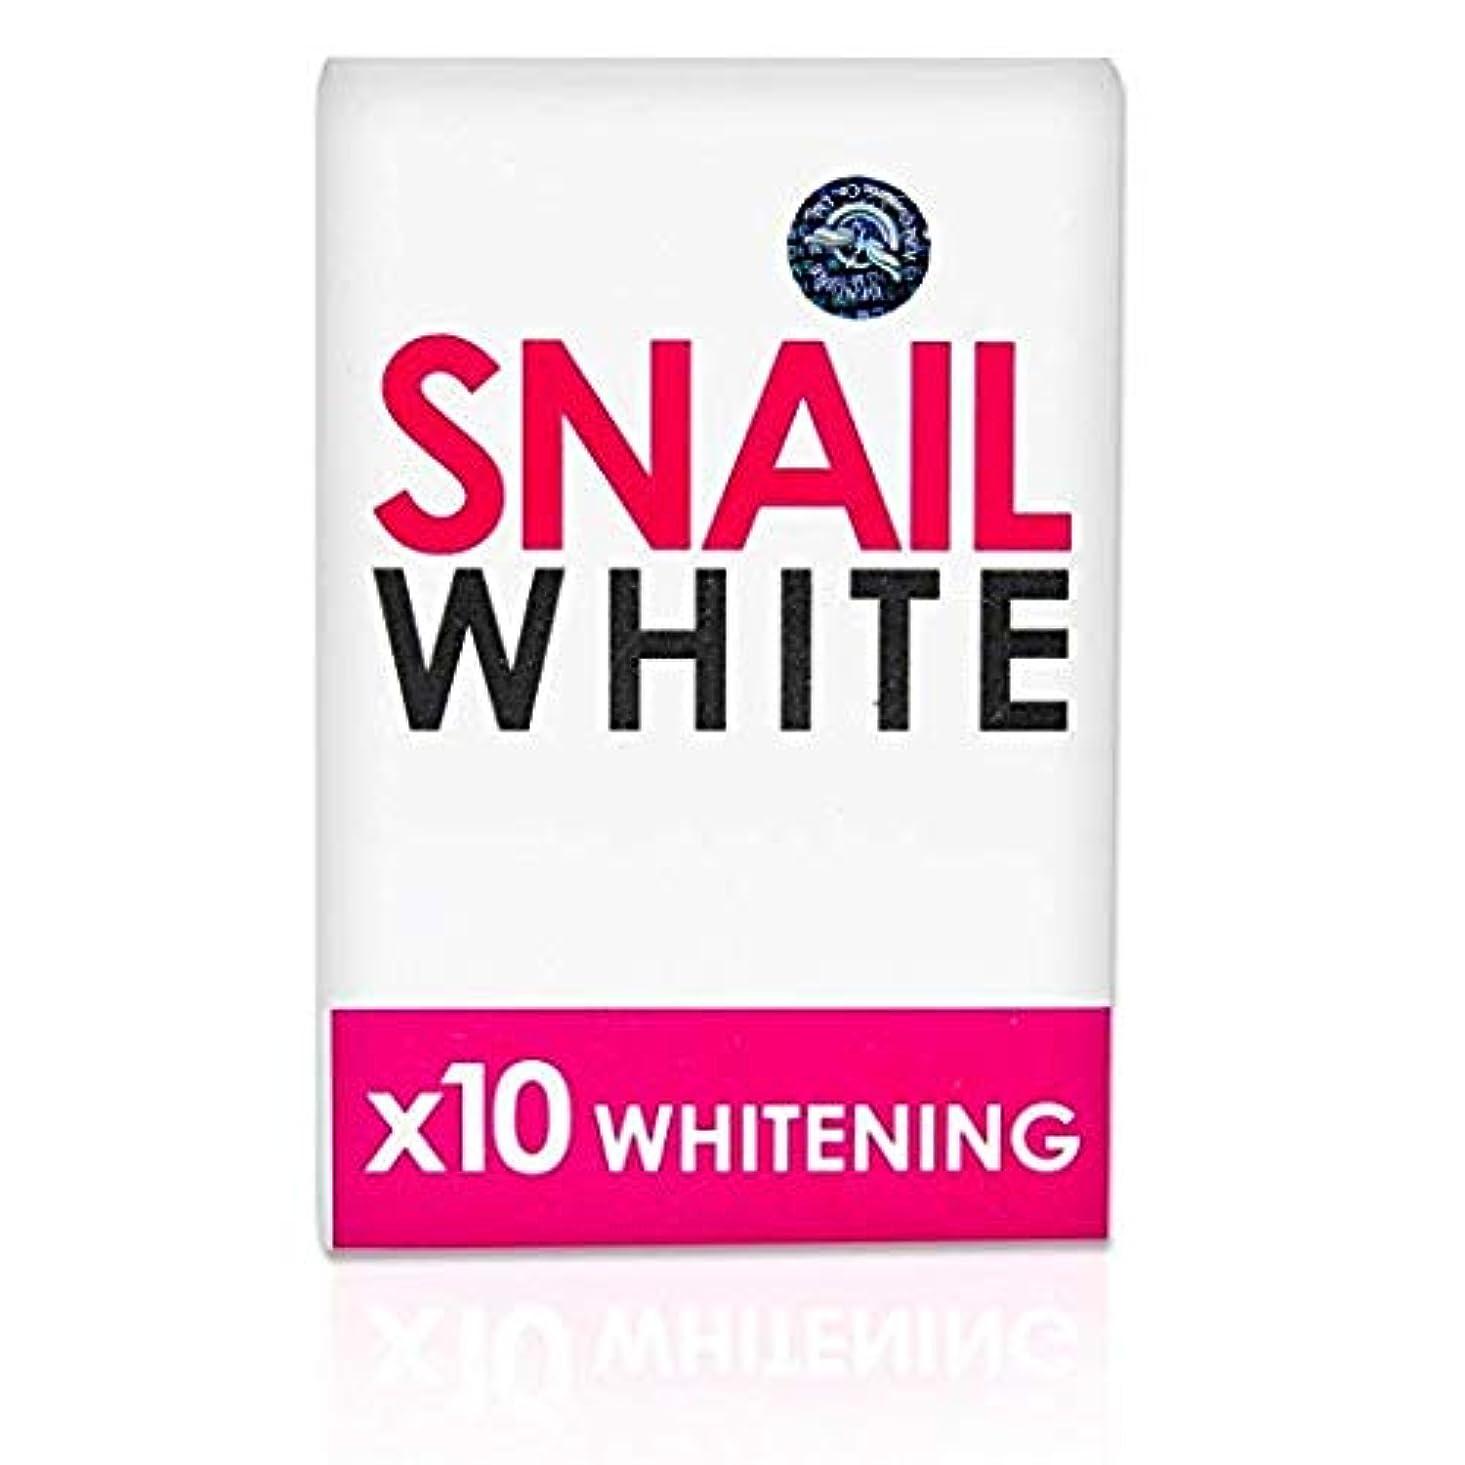 スクラップブック冷蔵庫目に見えるスネイルホワイト Gluta Snail White x10 Whitening by Dream ホワイトニング 固形石鹸 2個